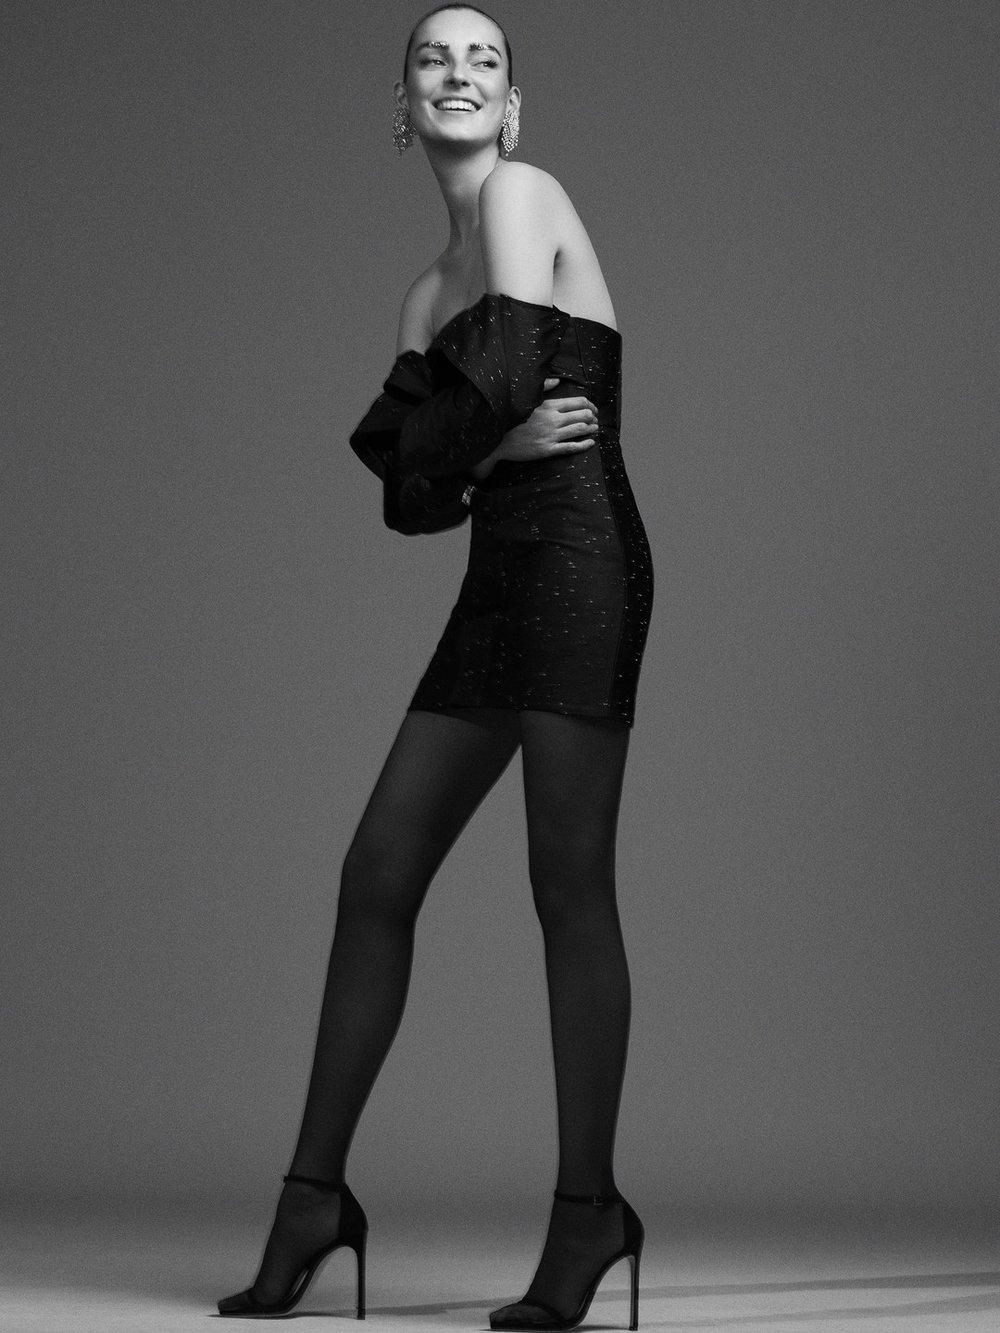 Julia Bergshoeff by Alvaro Beamud Cortes for Vogue Spain December 2018 (8).jpg